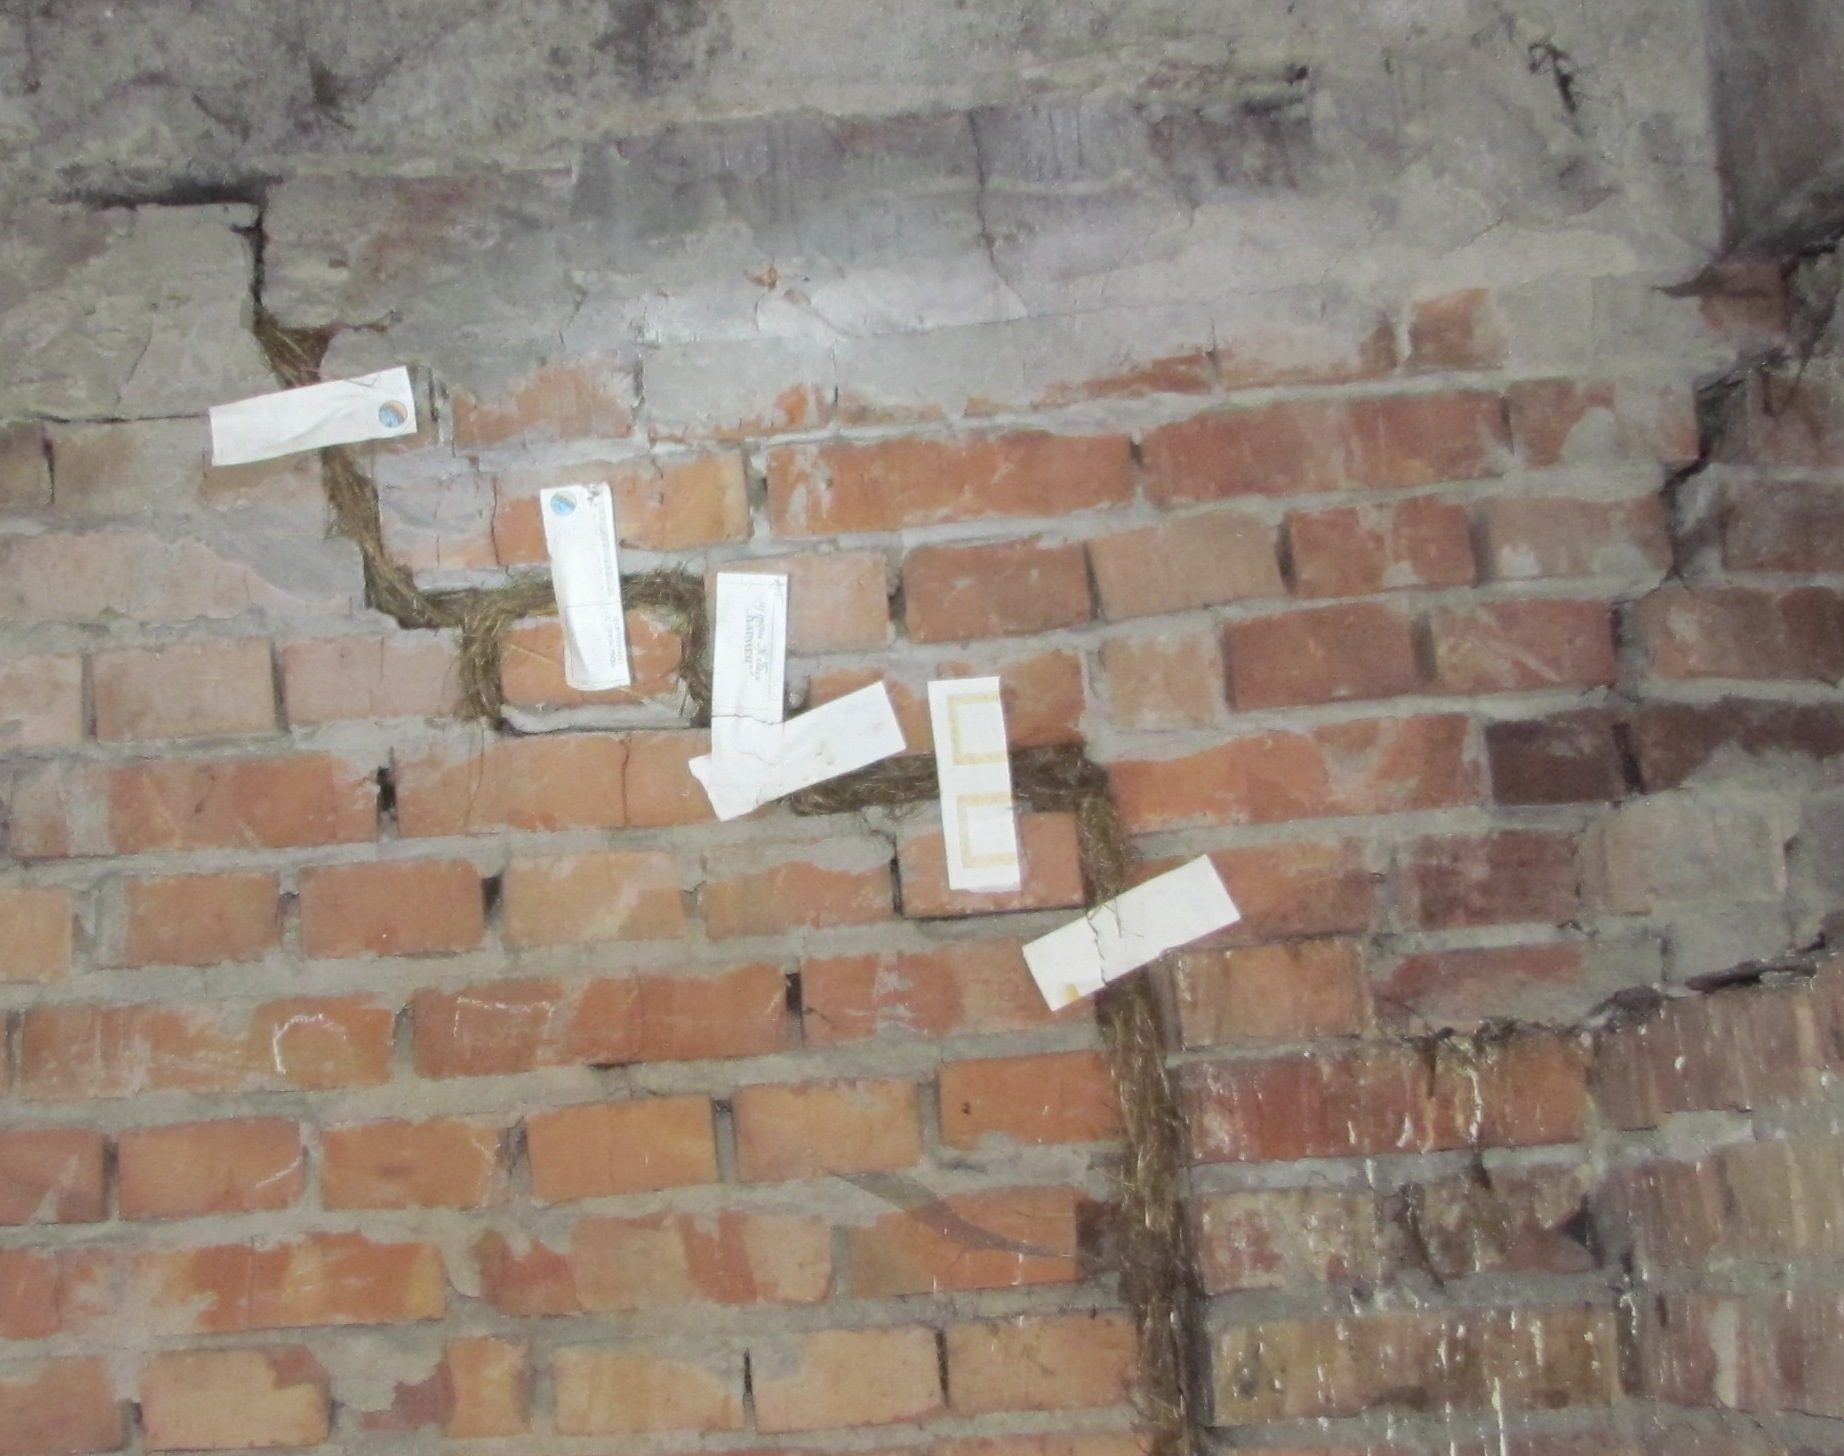 Бумажные полоски накленные на трещине в стене некоторые считают маяками